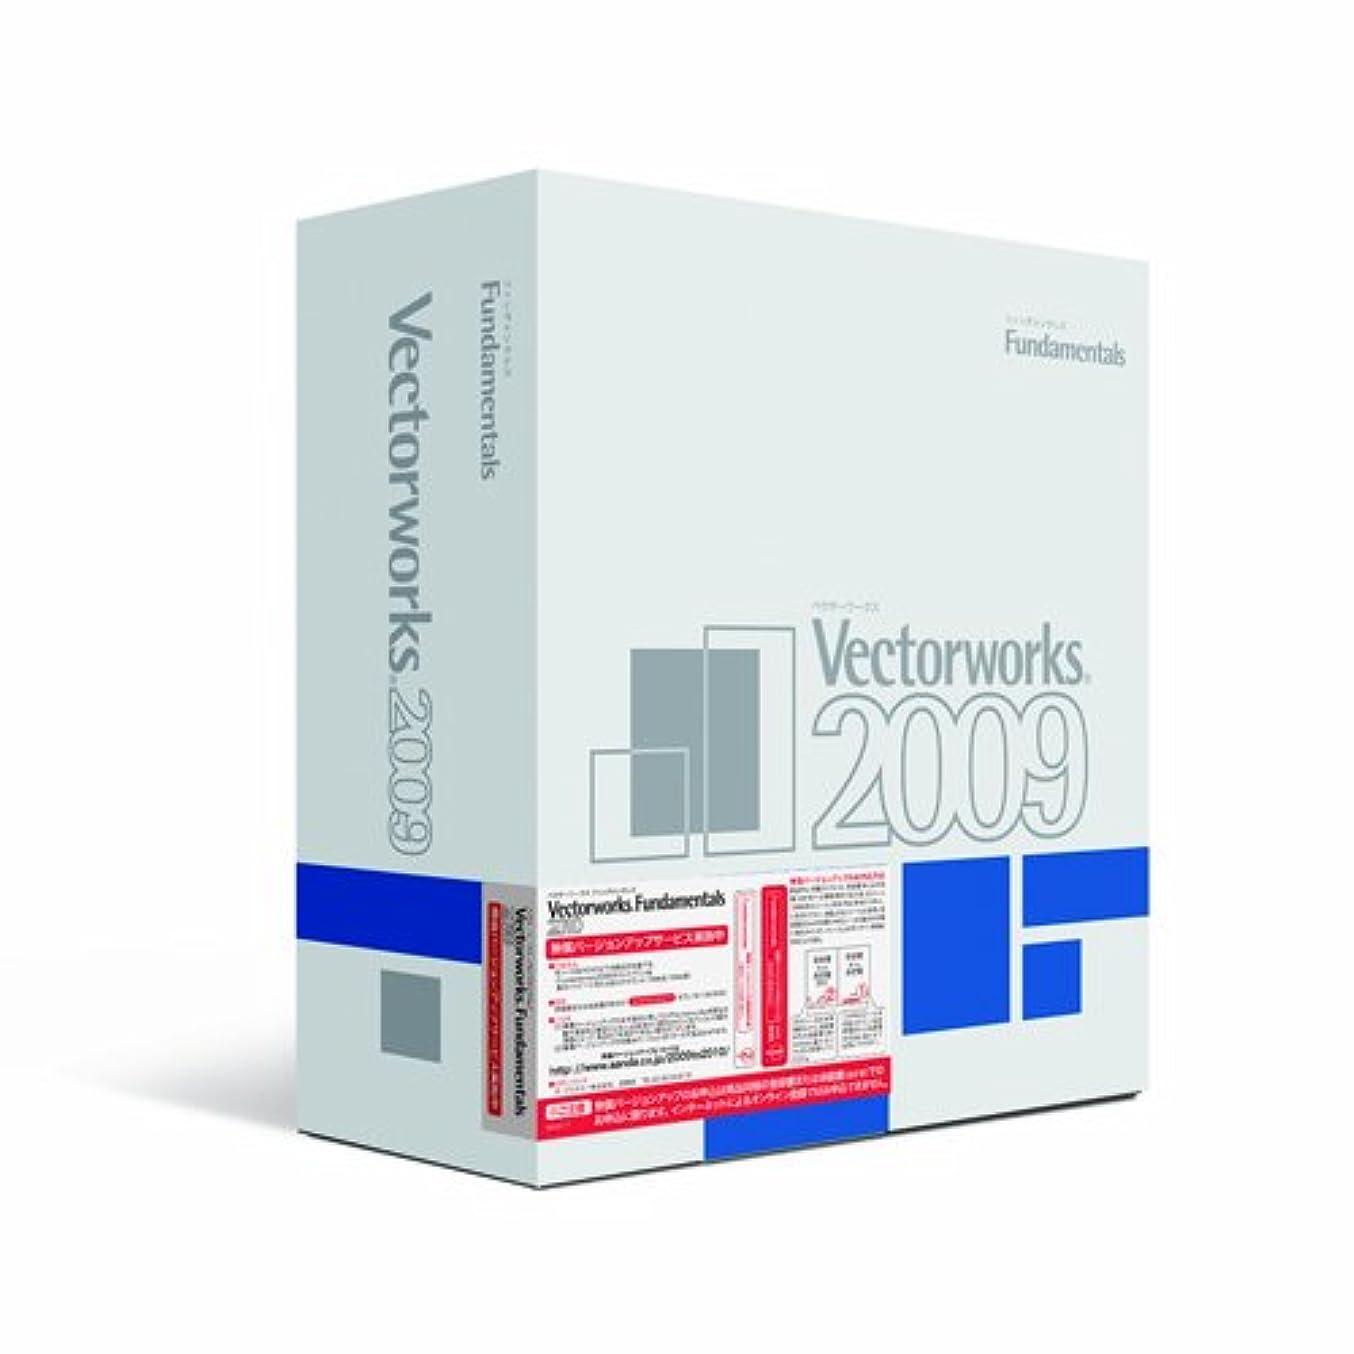 悪性追加ブームVectorworks Fundamentals 2009J スタンドアロン版 基本パッケージ Windows